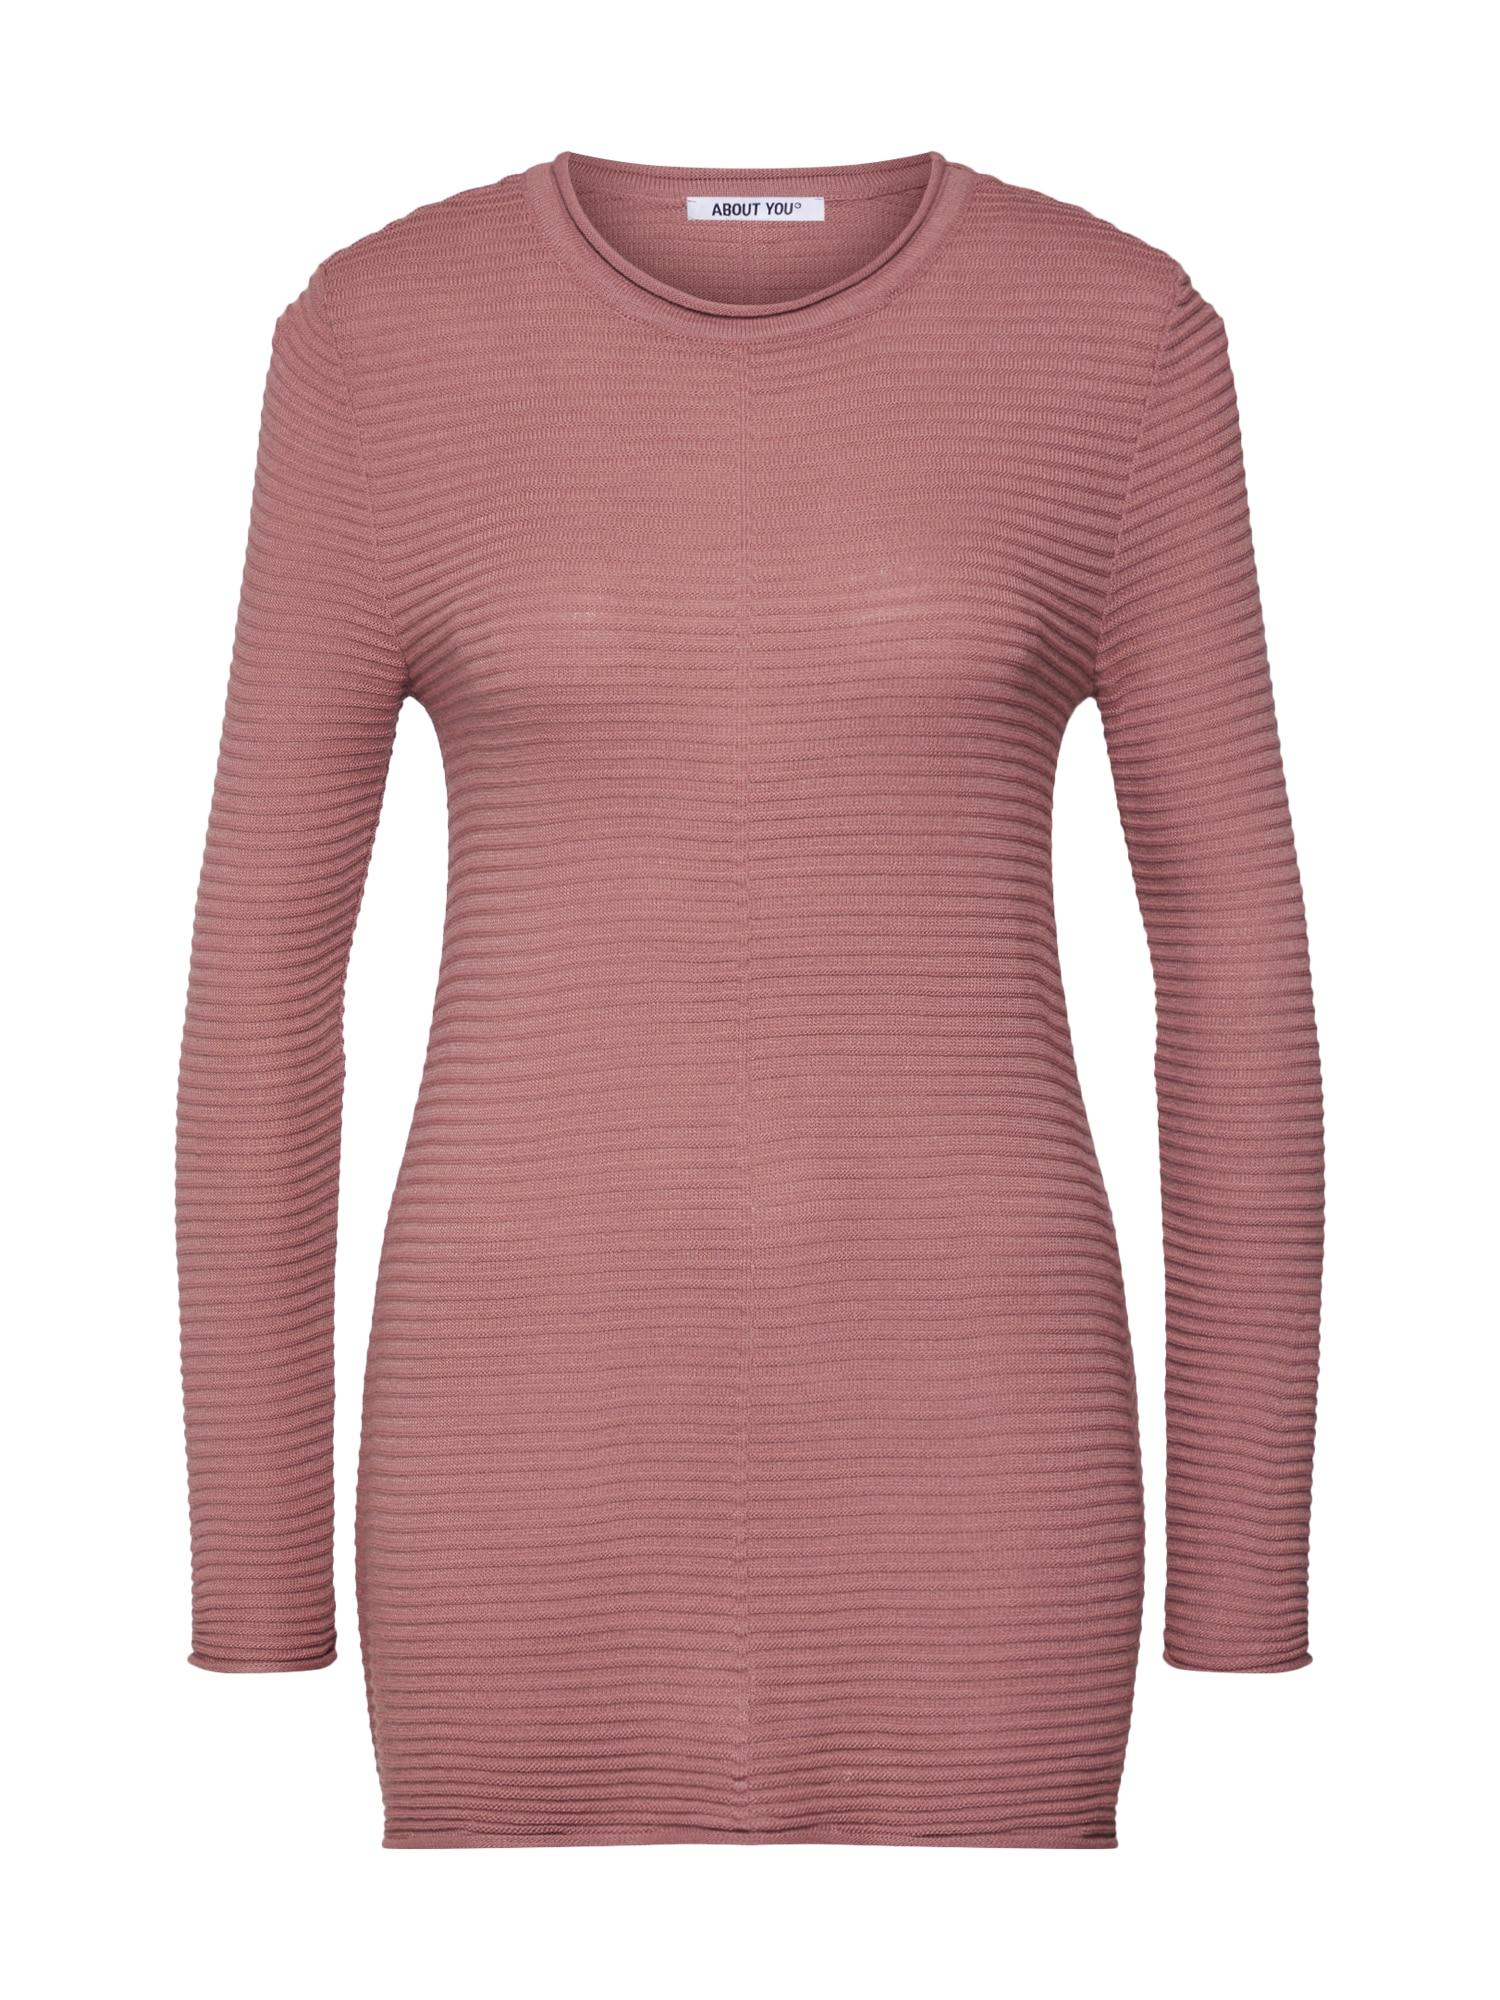 ABOUT YOU Megztinis 'Julika' ryškiai rožinė spalva